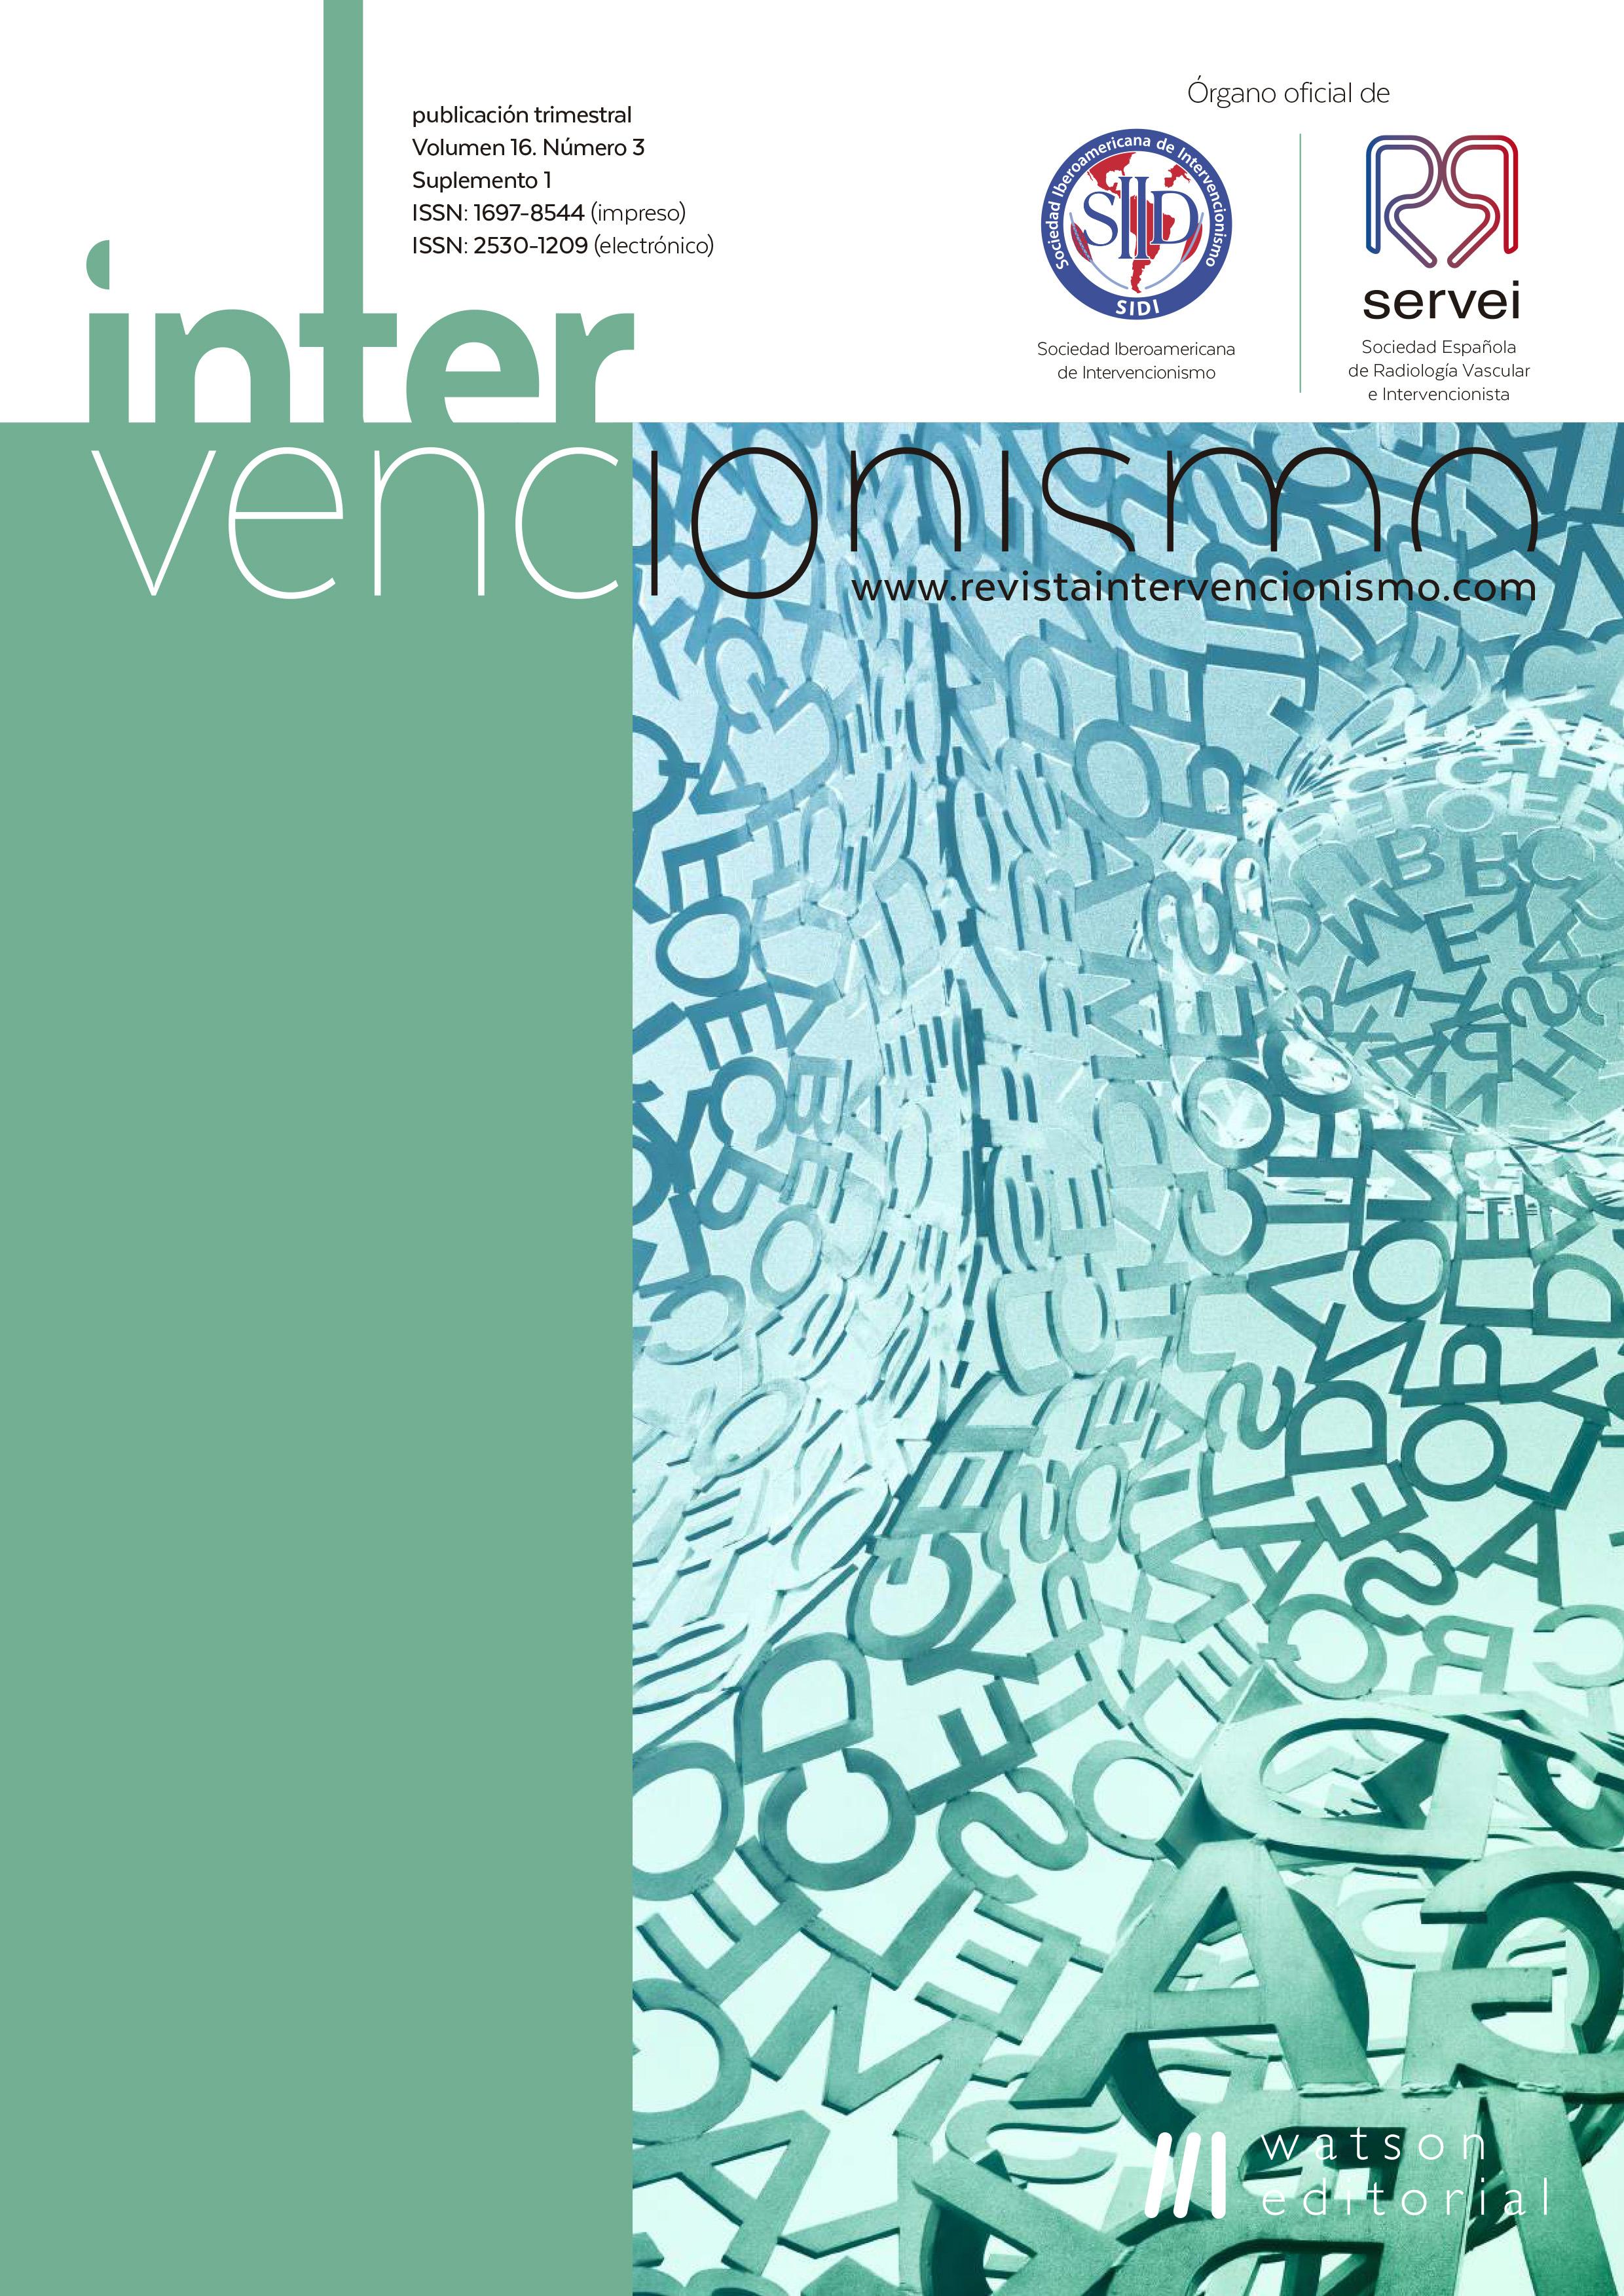 Revista Intervencionismo, Autor en Revista Intervencionismo